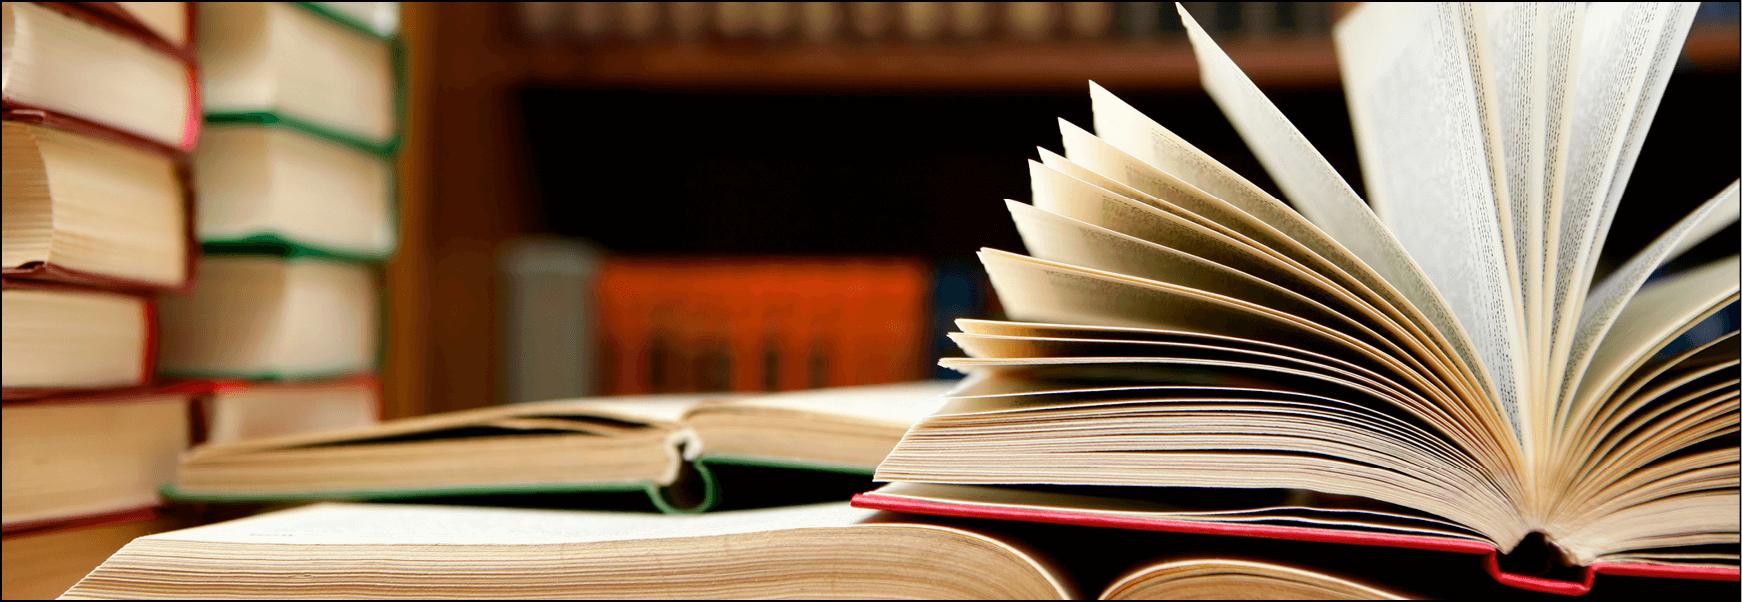 Chapman University Reuniting Economics and the Humanities